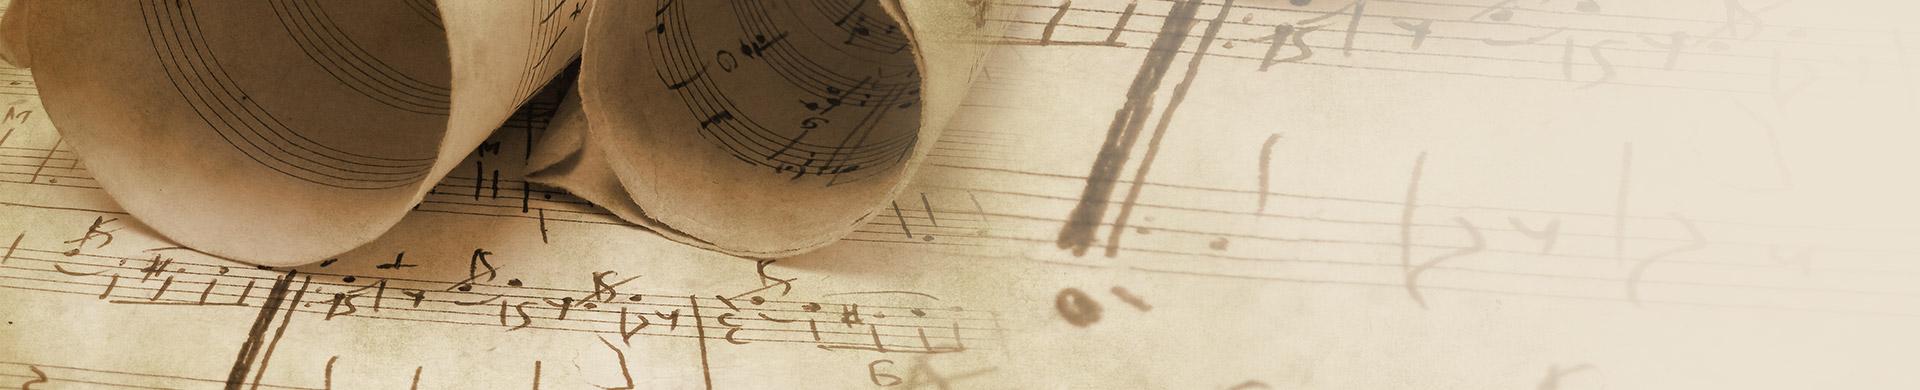 הסגל האקדמי - מוסיקה